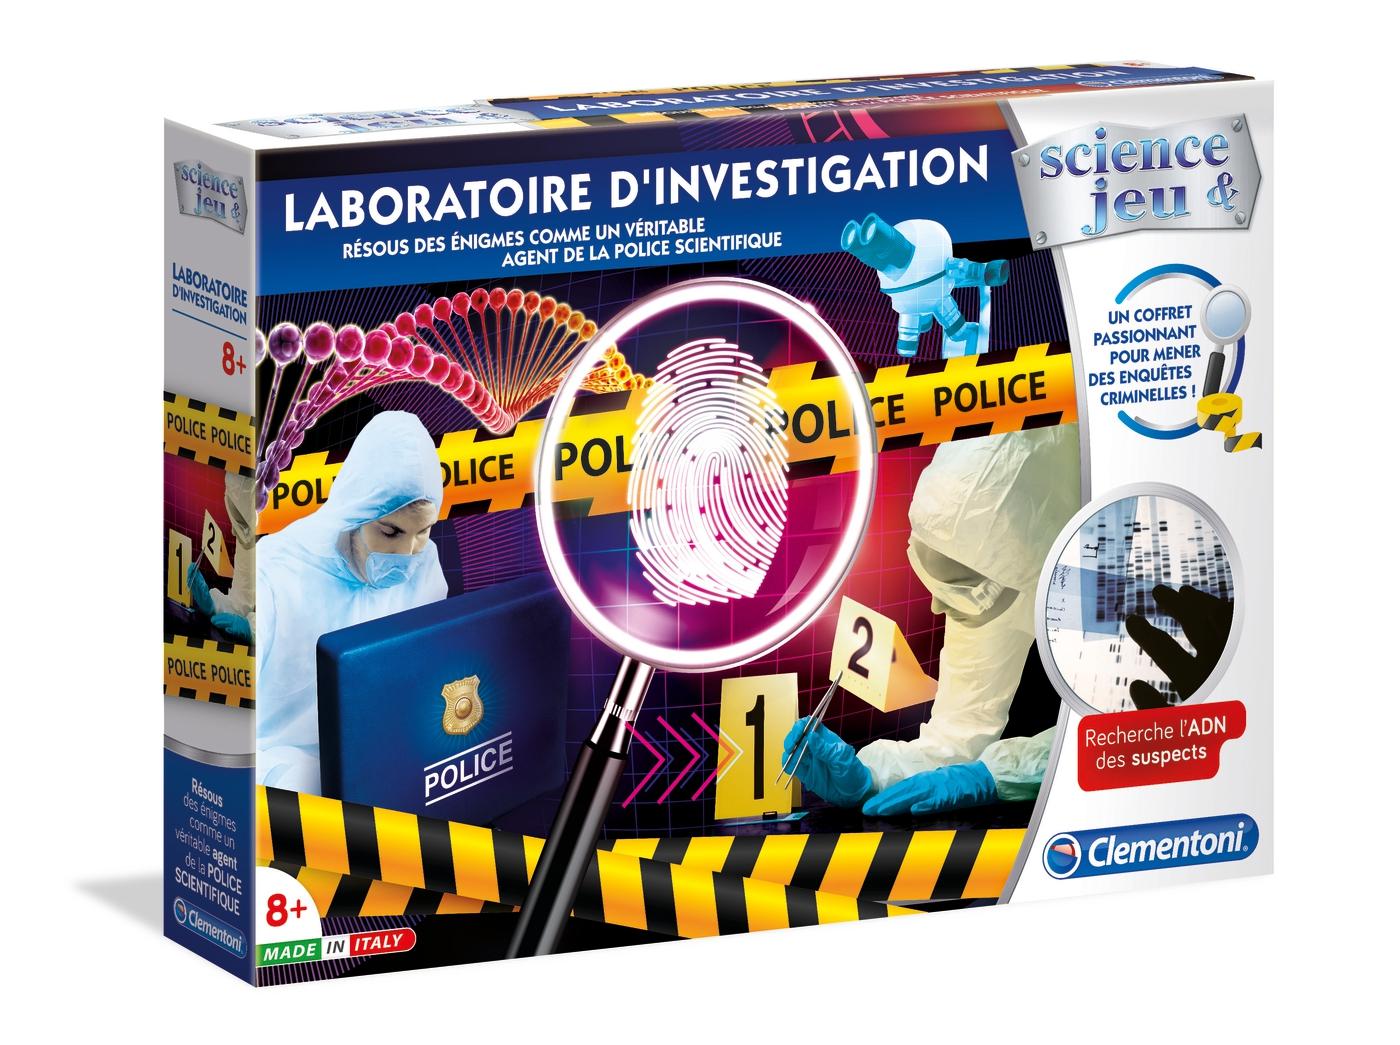 laboratoire-dinvestigation_nzzCLGb